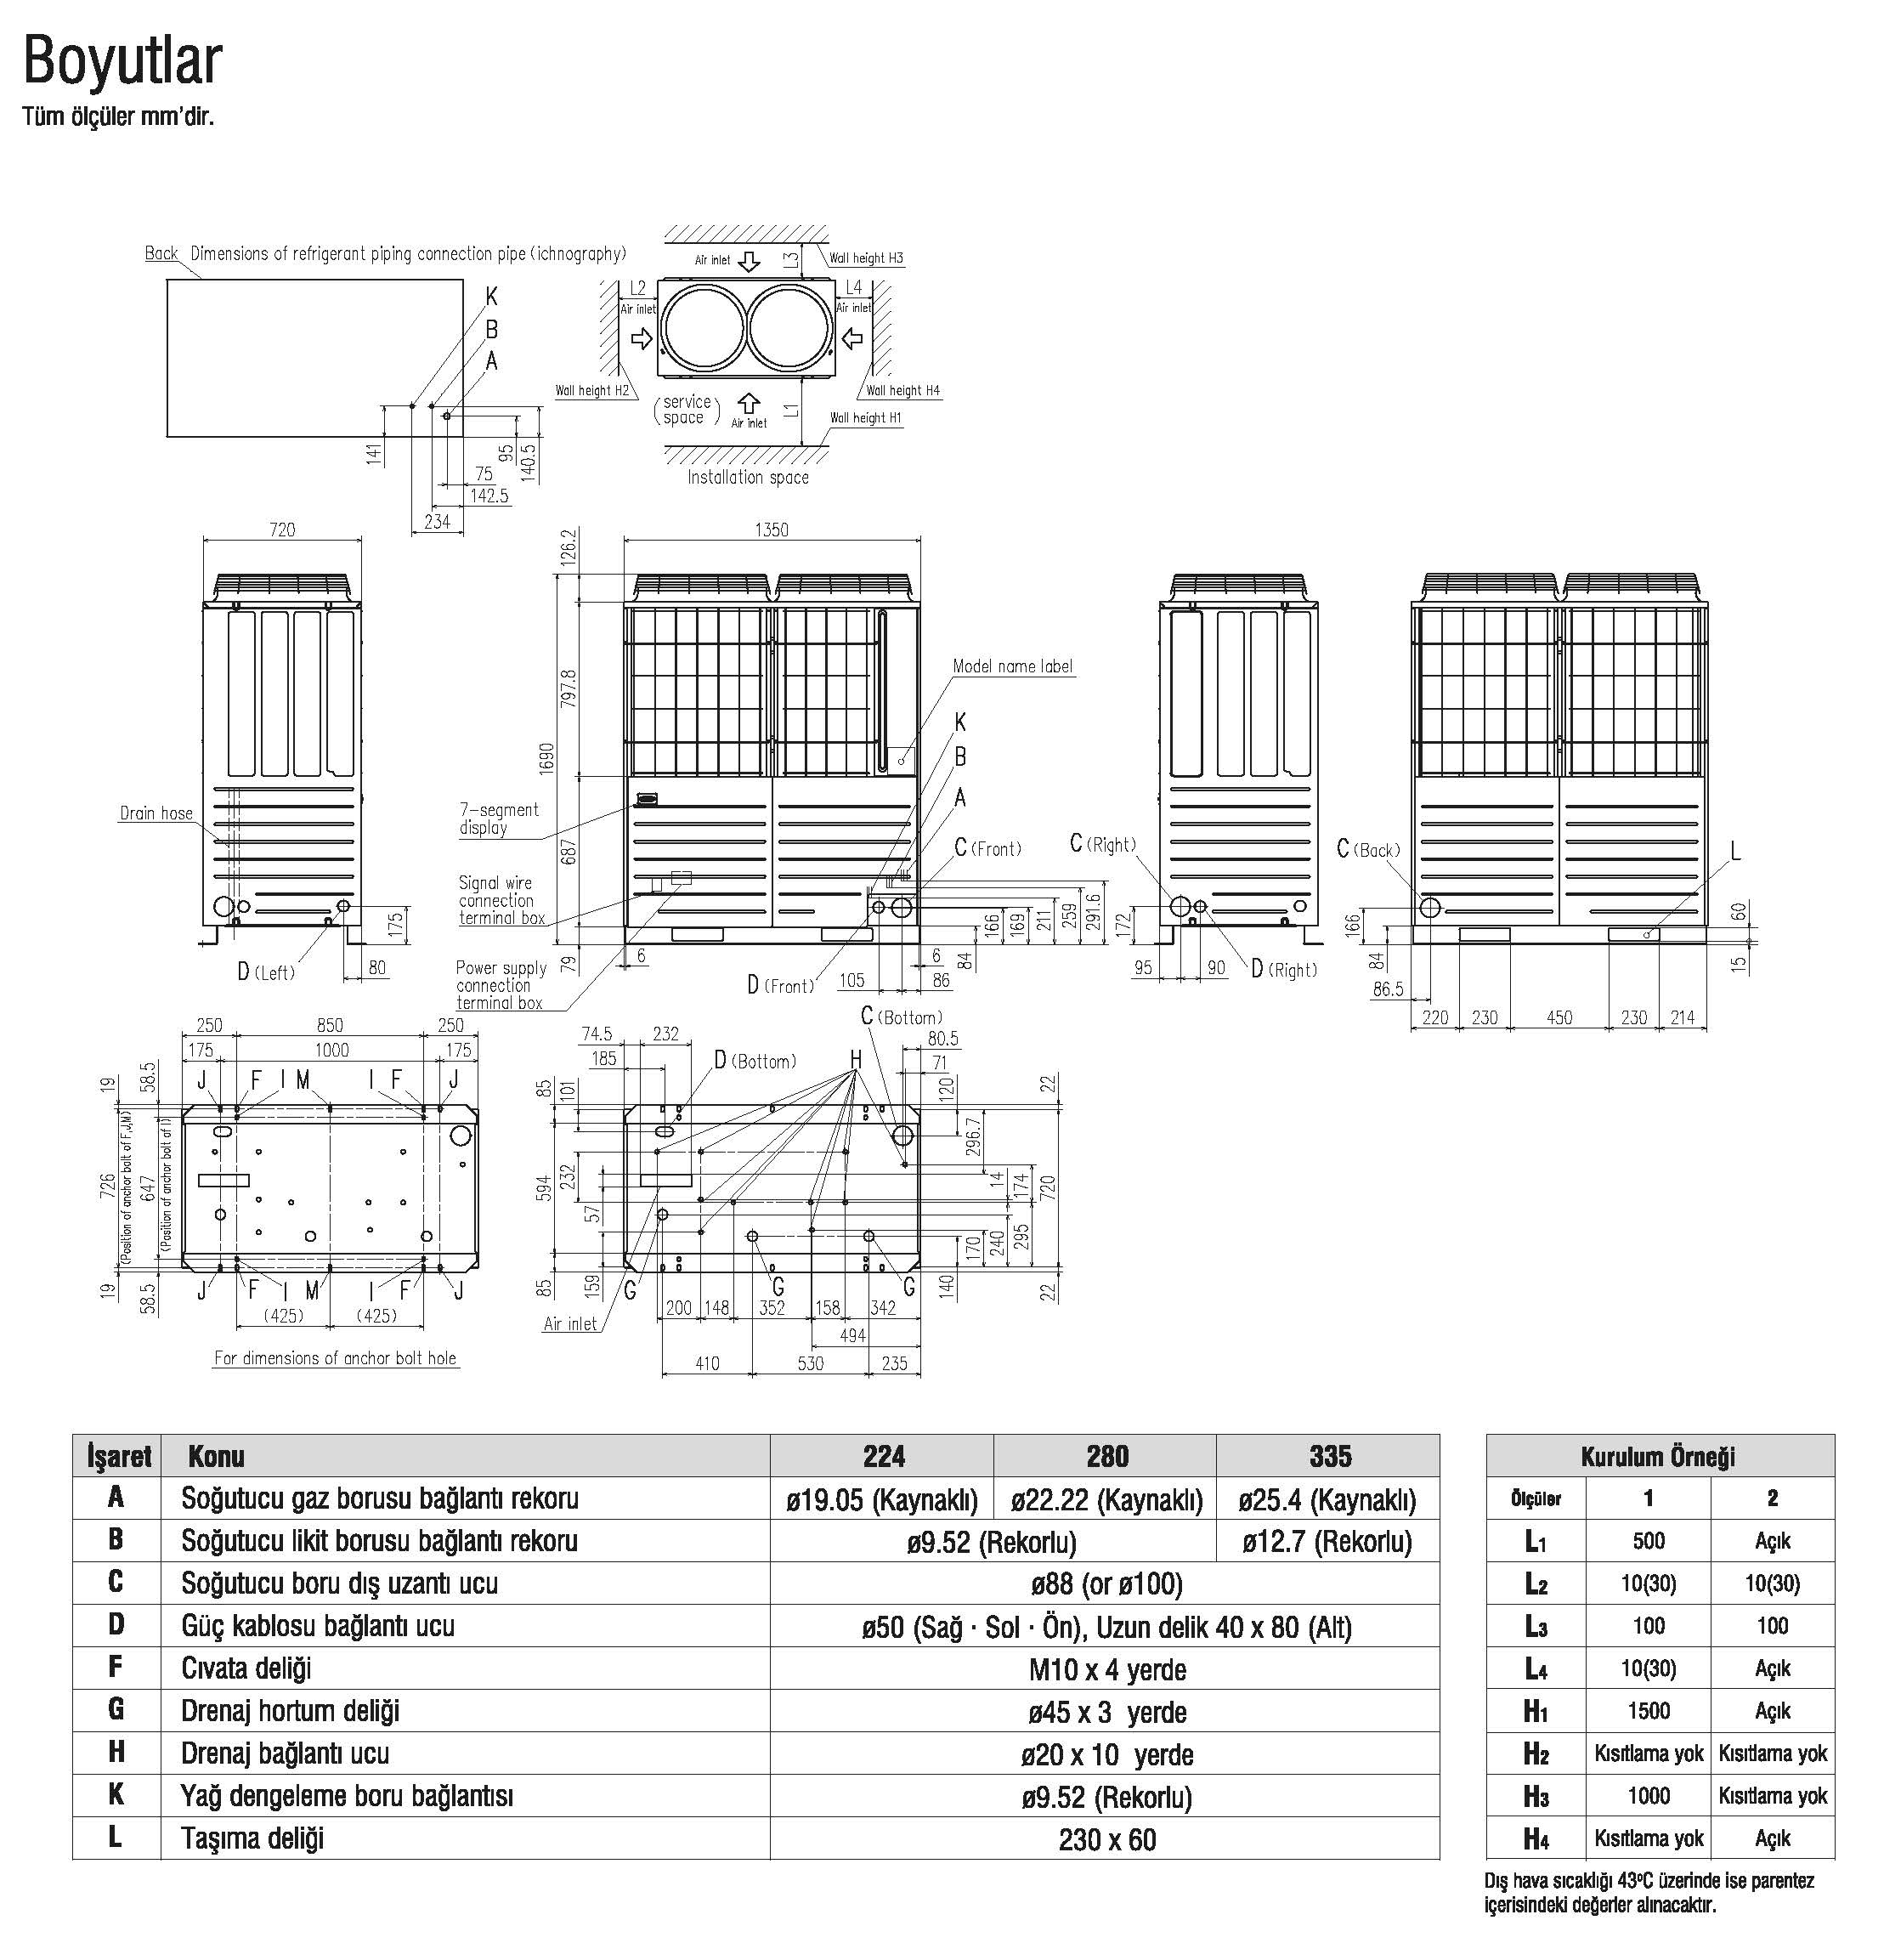 mitsubishi vrf Heat Pump Kxzx Hi-Cop Sistem